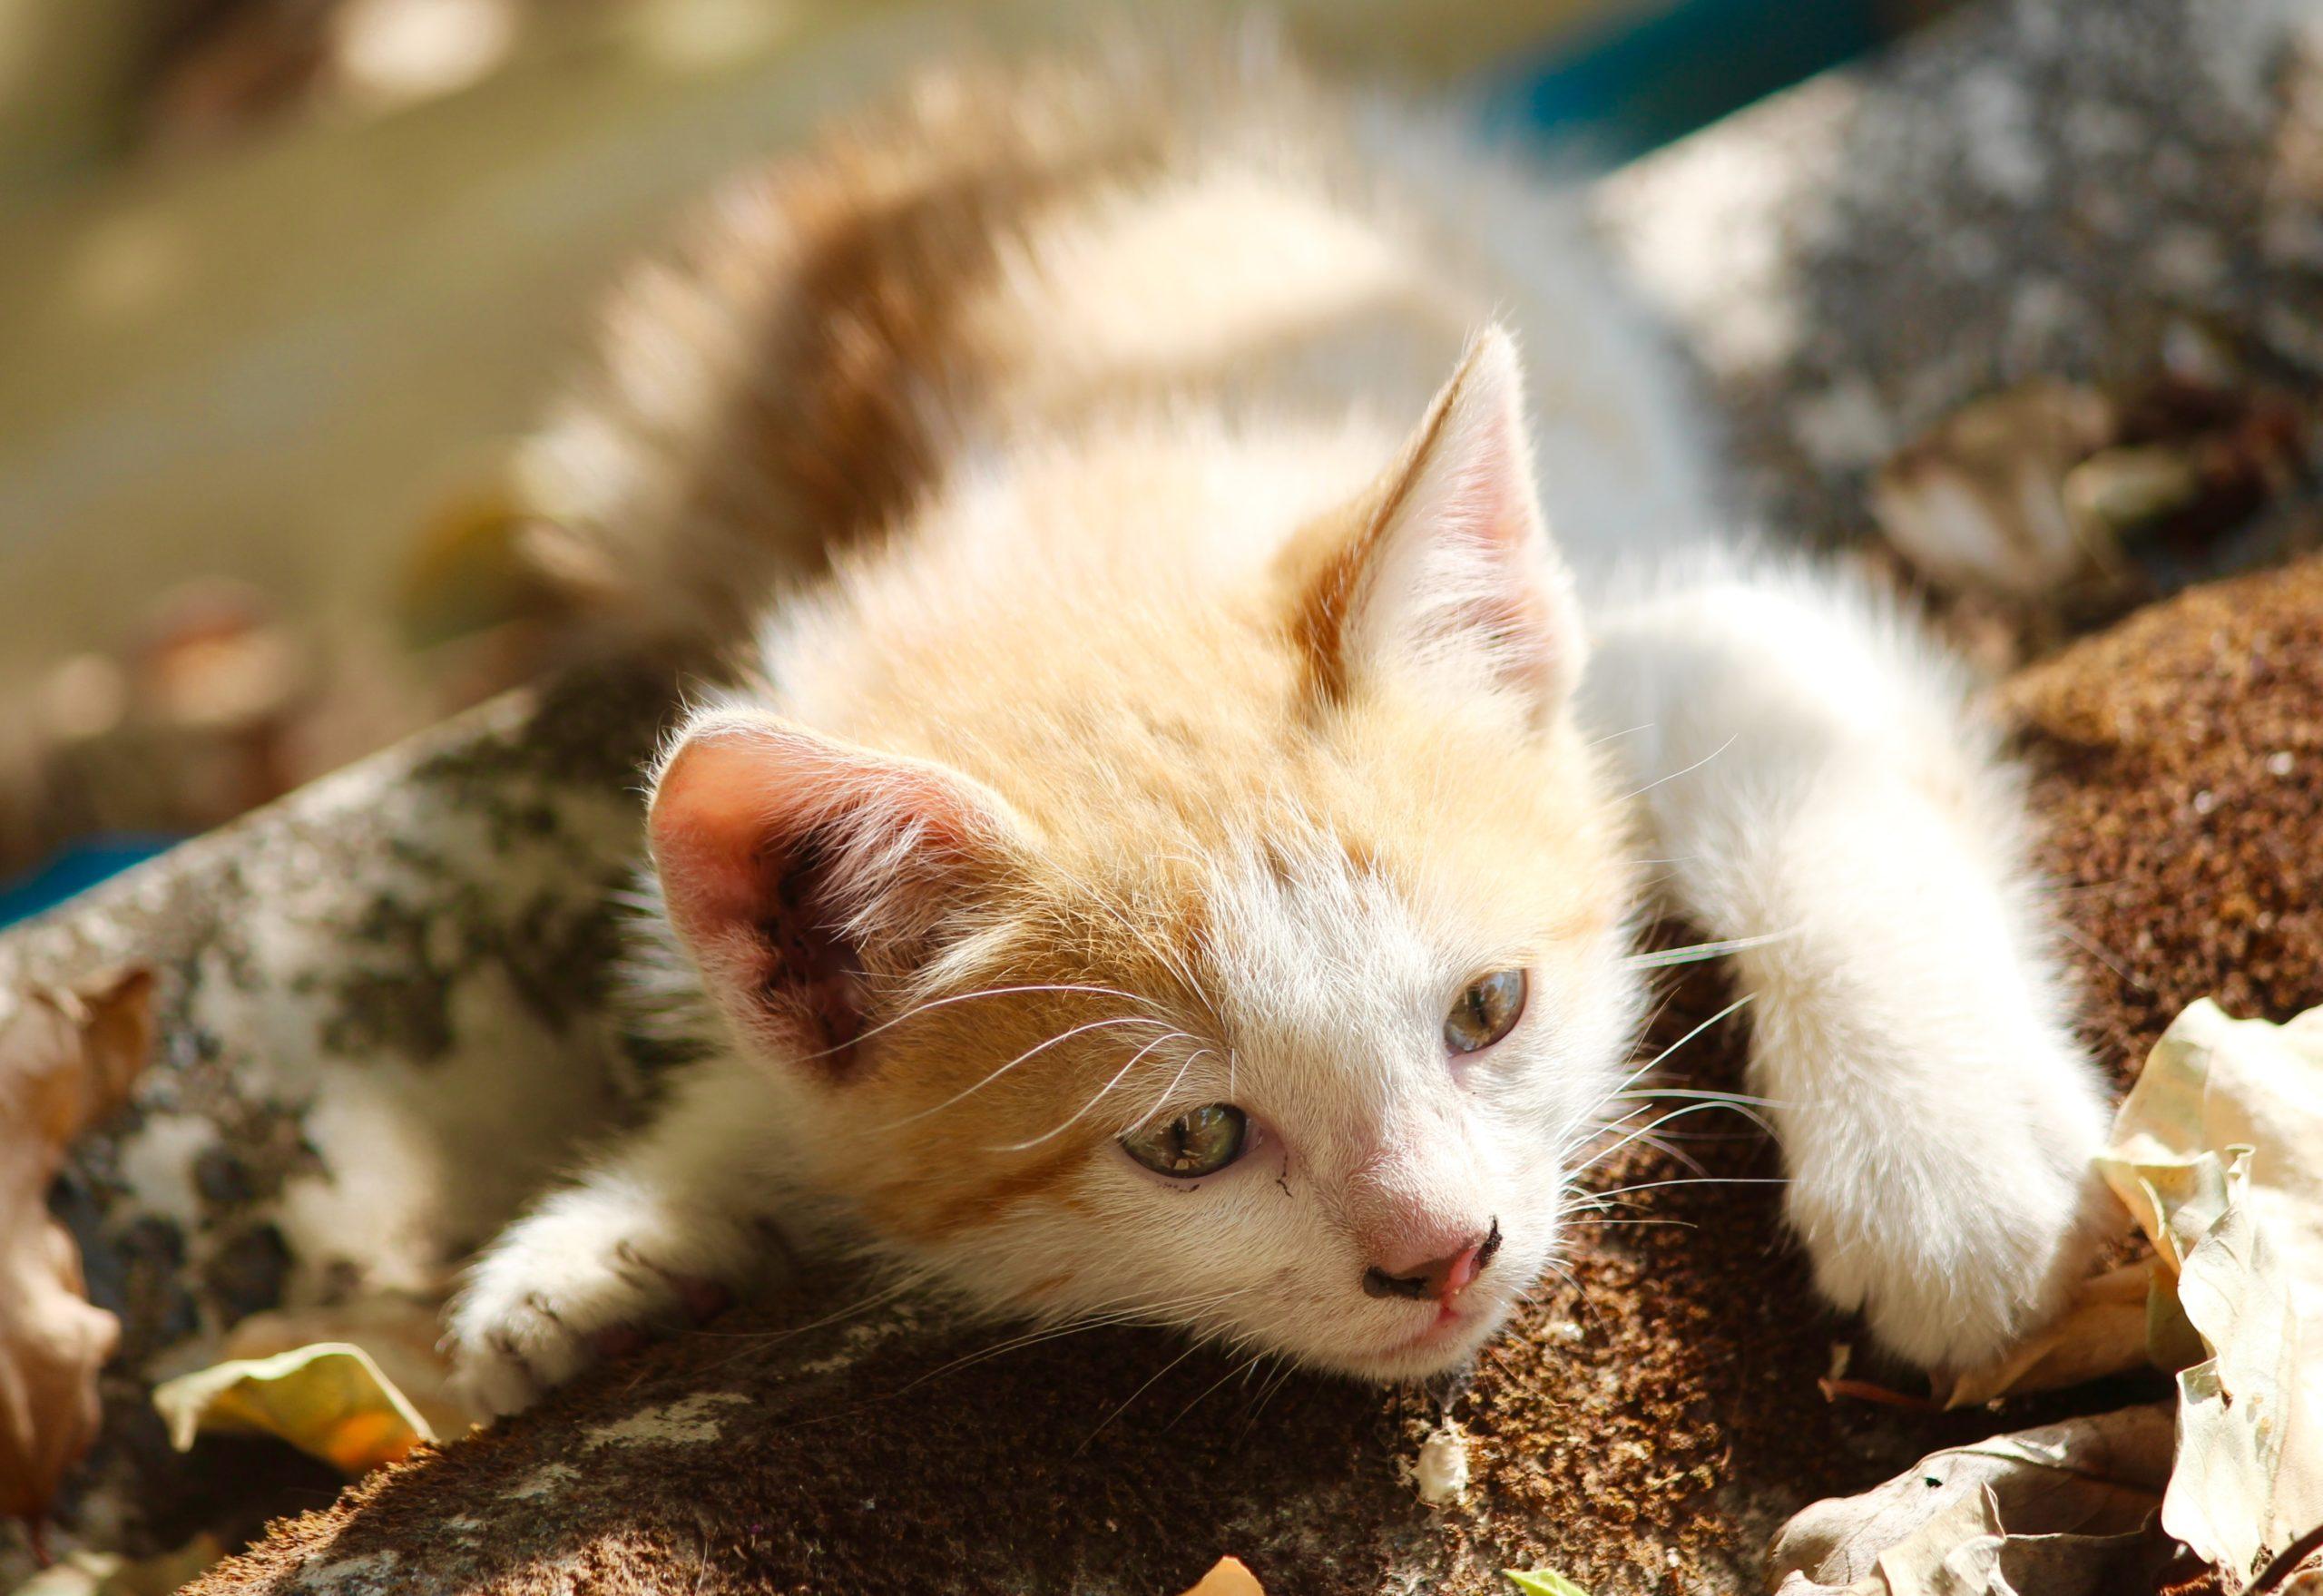 cat with feline leukemia virus (felv)